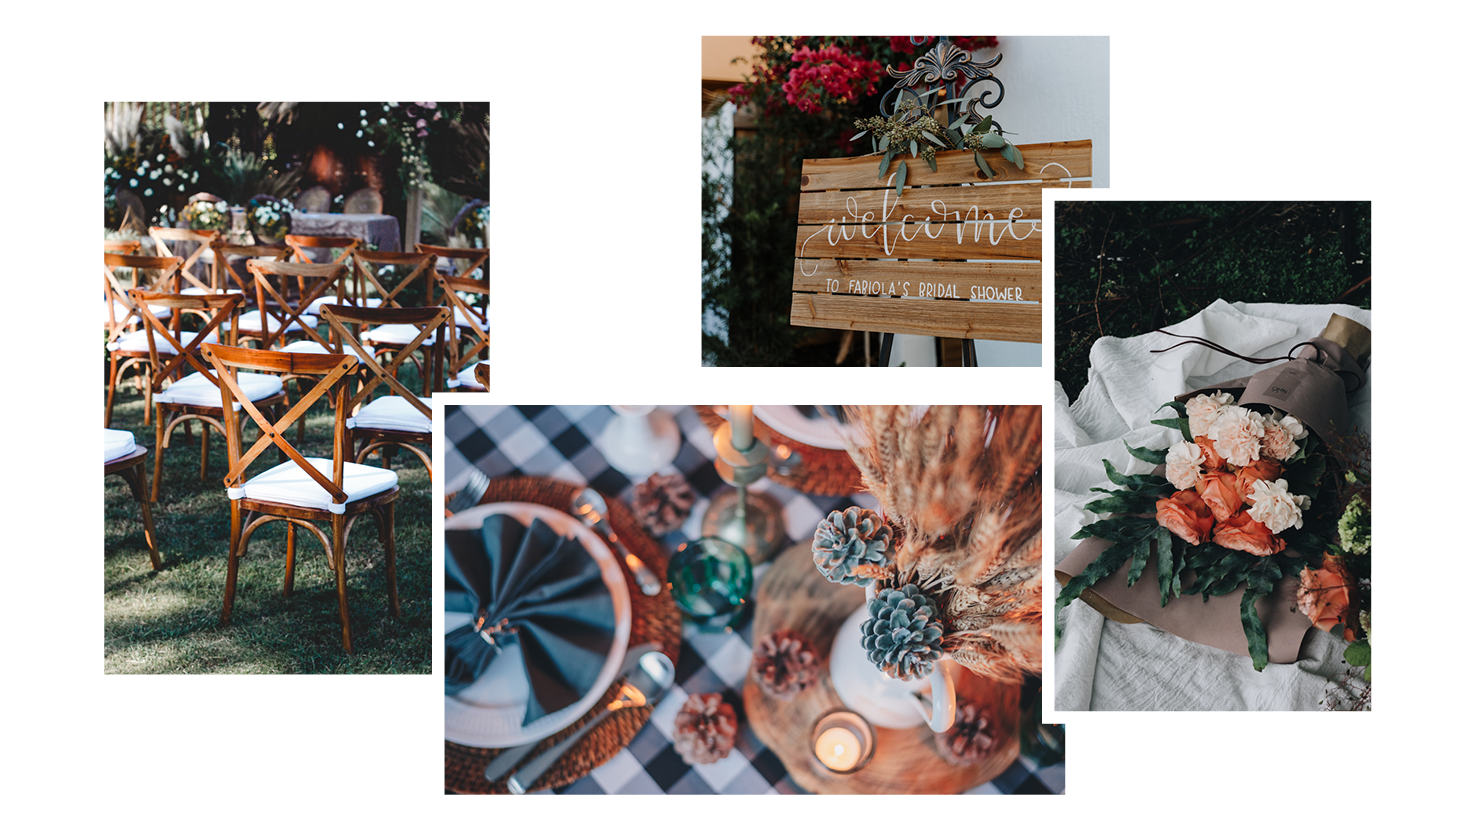 quelle décoration choisir pour un mariage d'hiver